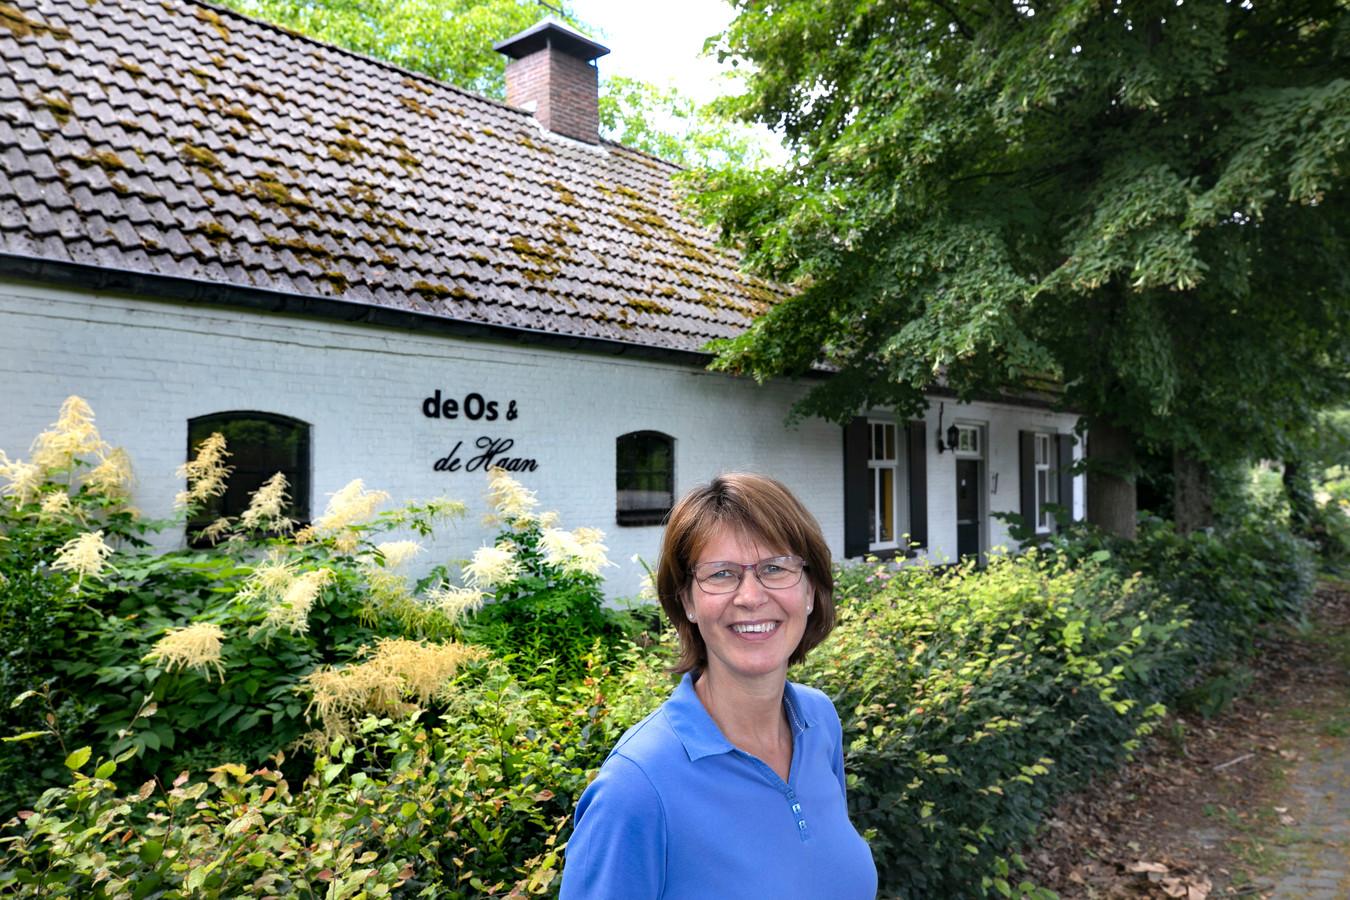 Jeanette Fluit bij haar boerderij met een naam in Lage Mierde